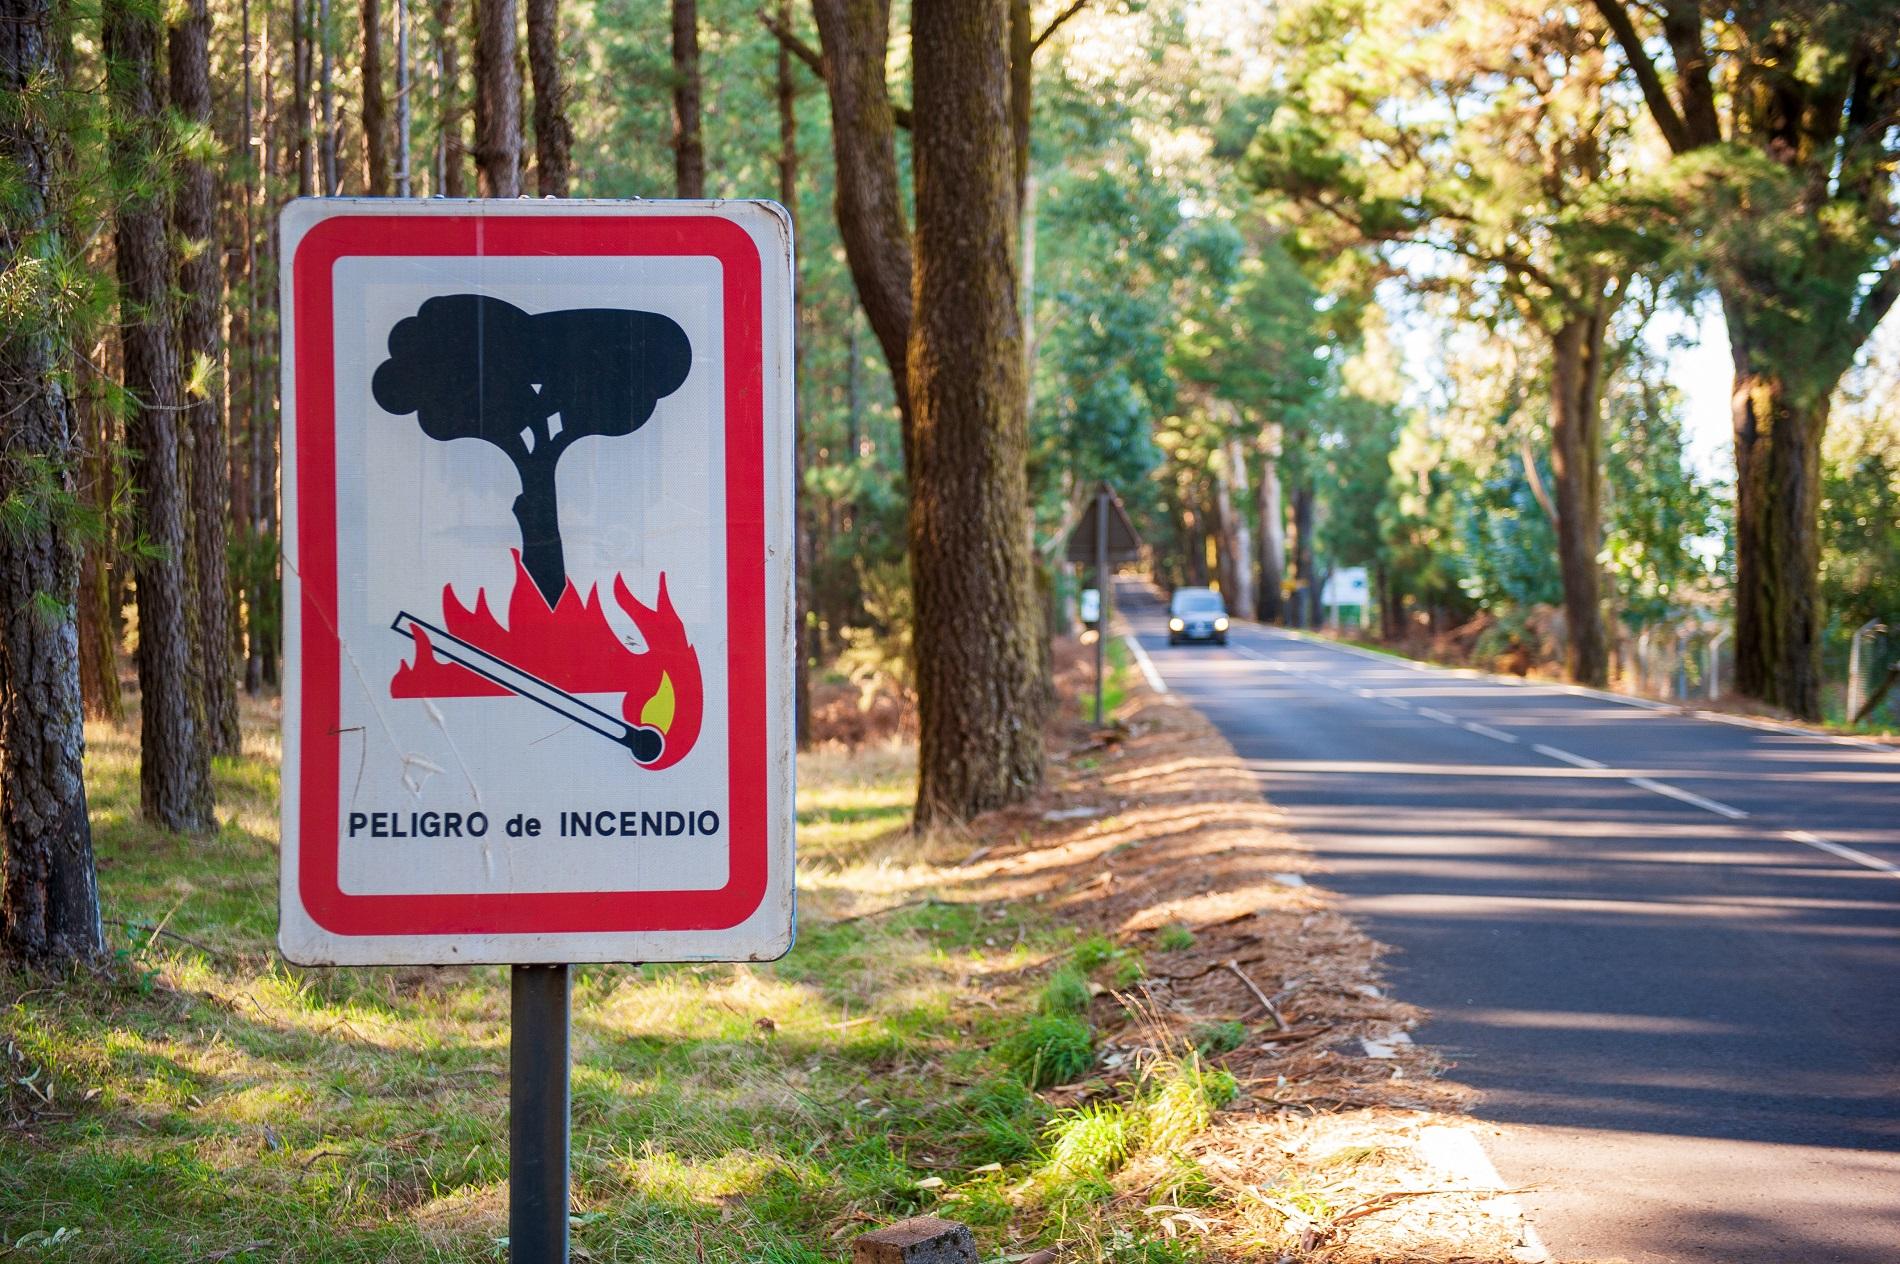 Ayuda a reducir el riesgo de incendios forestales en tu actividad agrícola